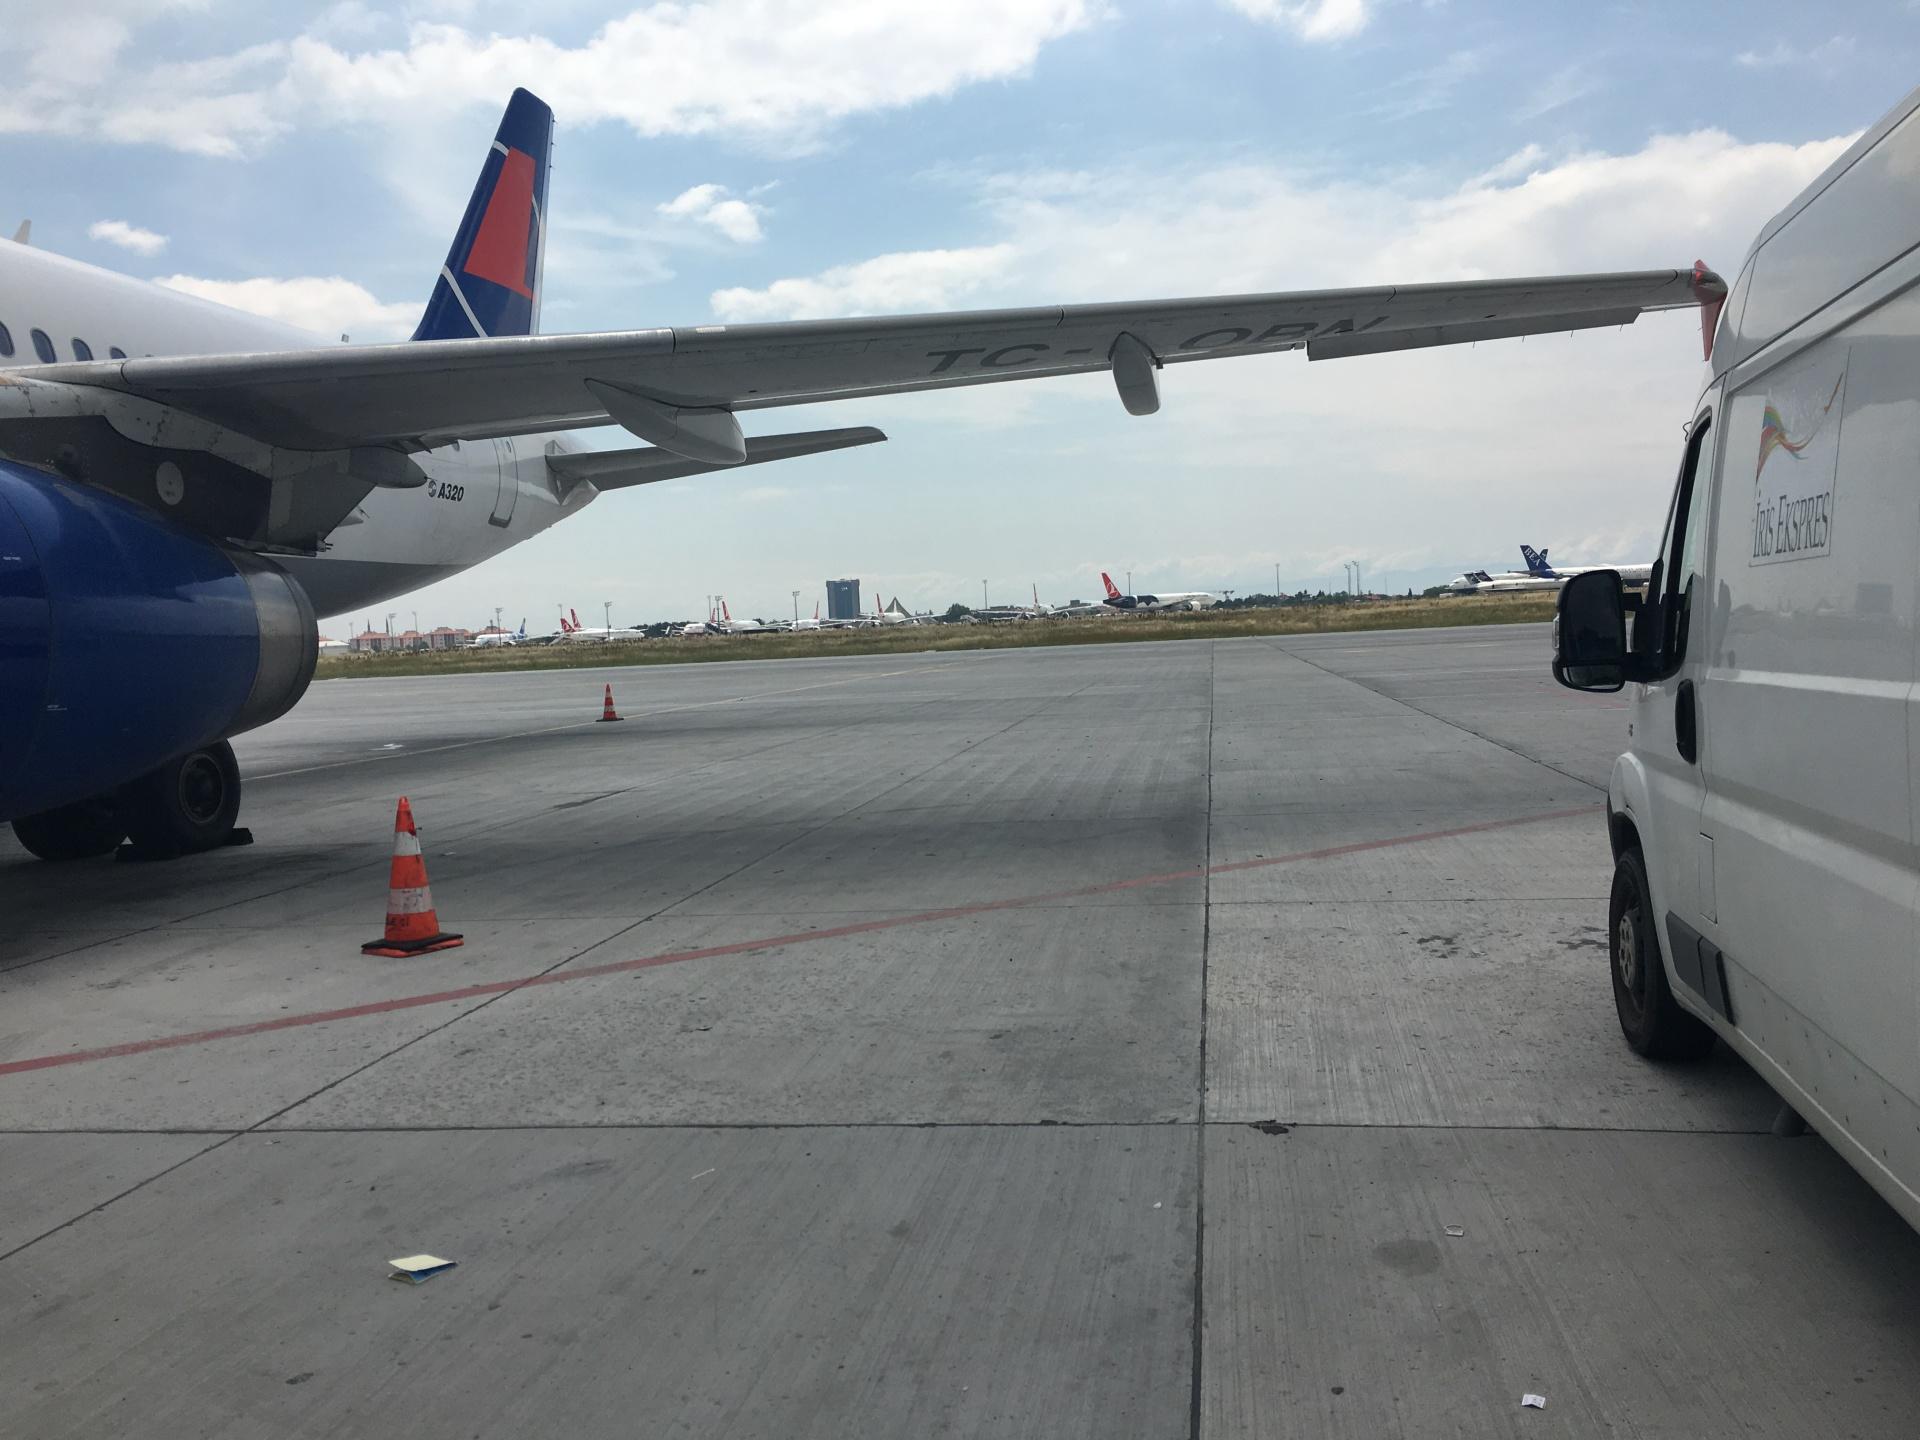 Next Flight Out